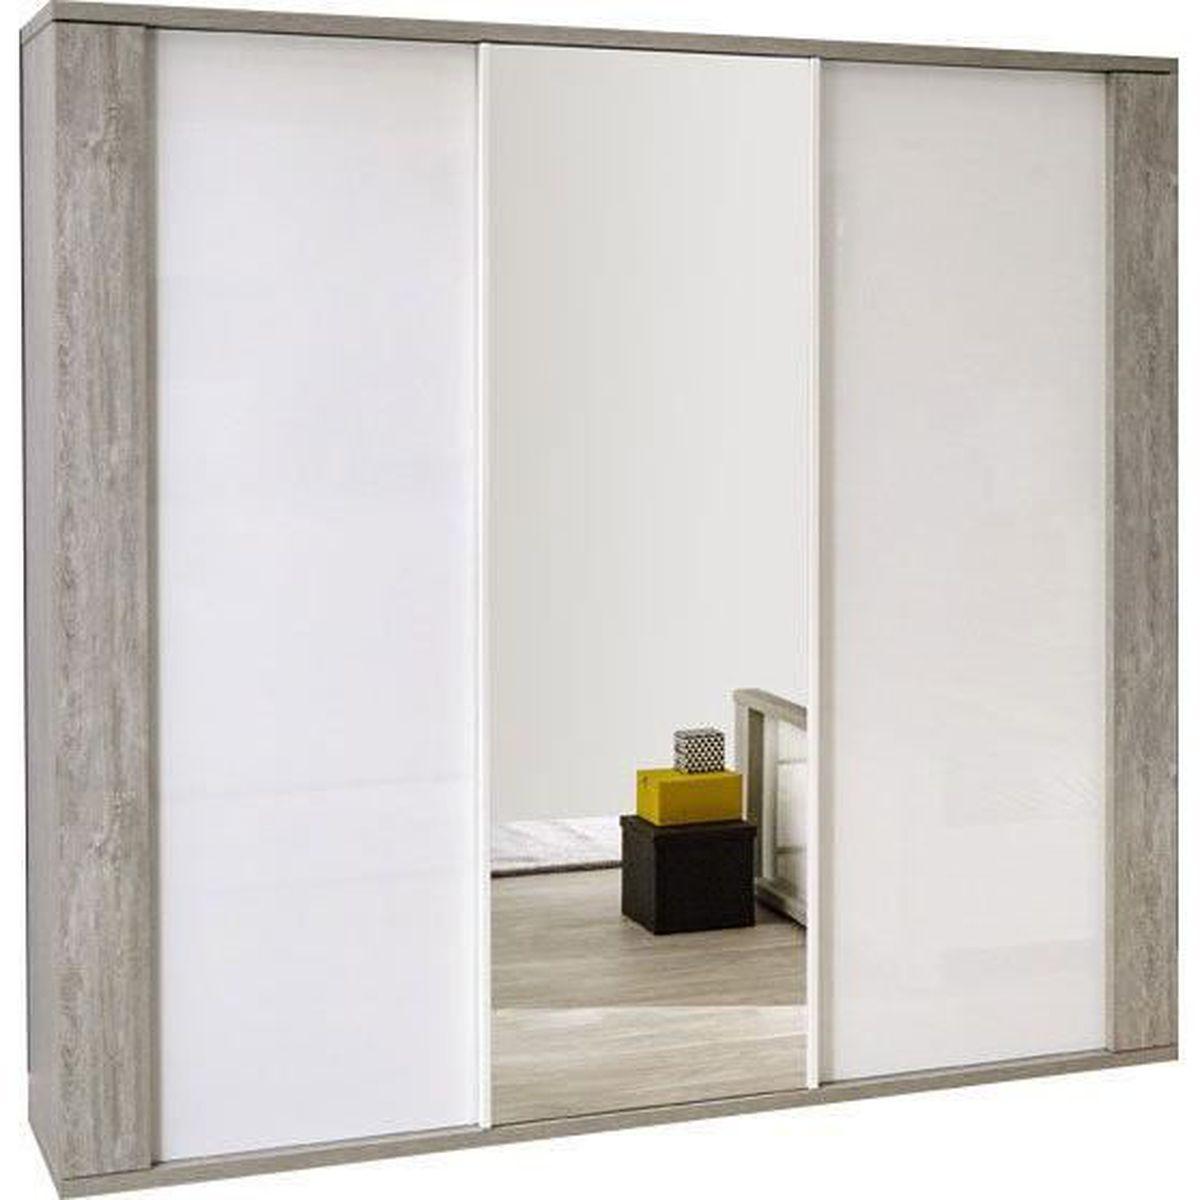 Armoire contemporaine clair e avec 3 portes coulissantes 220 cm coloris valo - Armoire contemporaine portes coulissantes ...